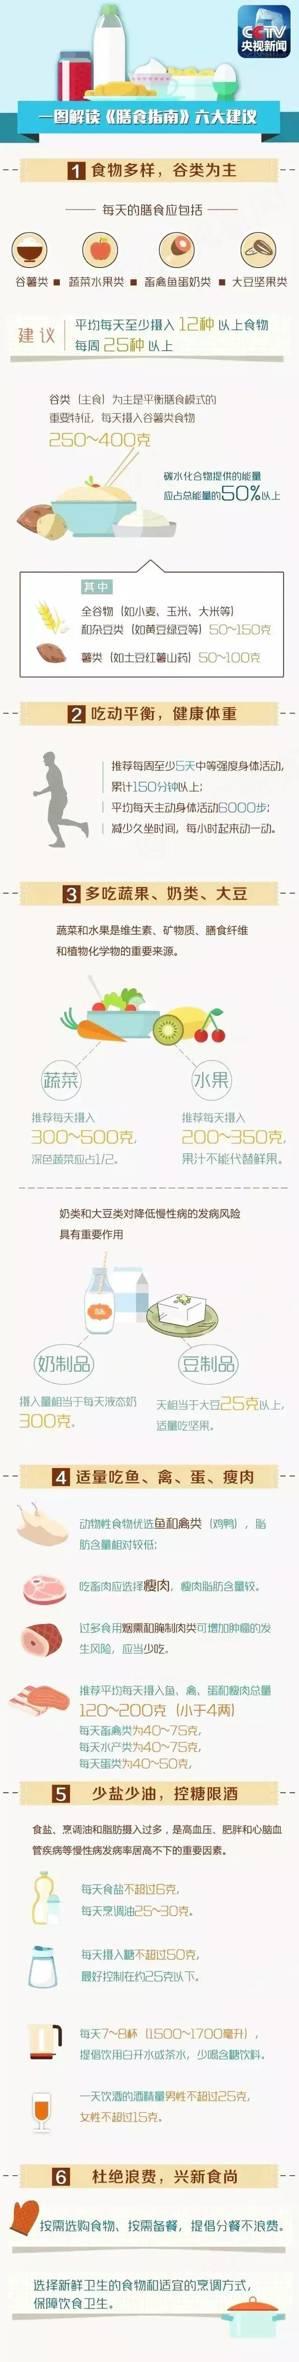 【实录】2016最新版《中国居民膳食指南》正式发布先睹为快!